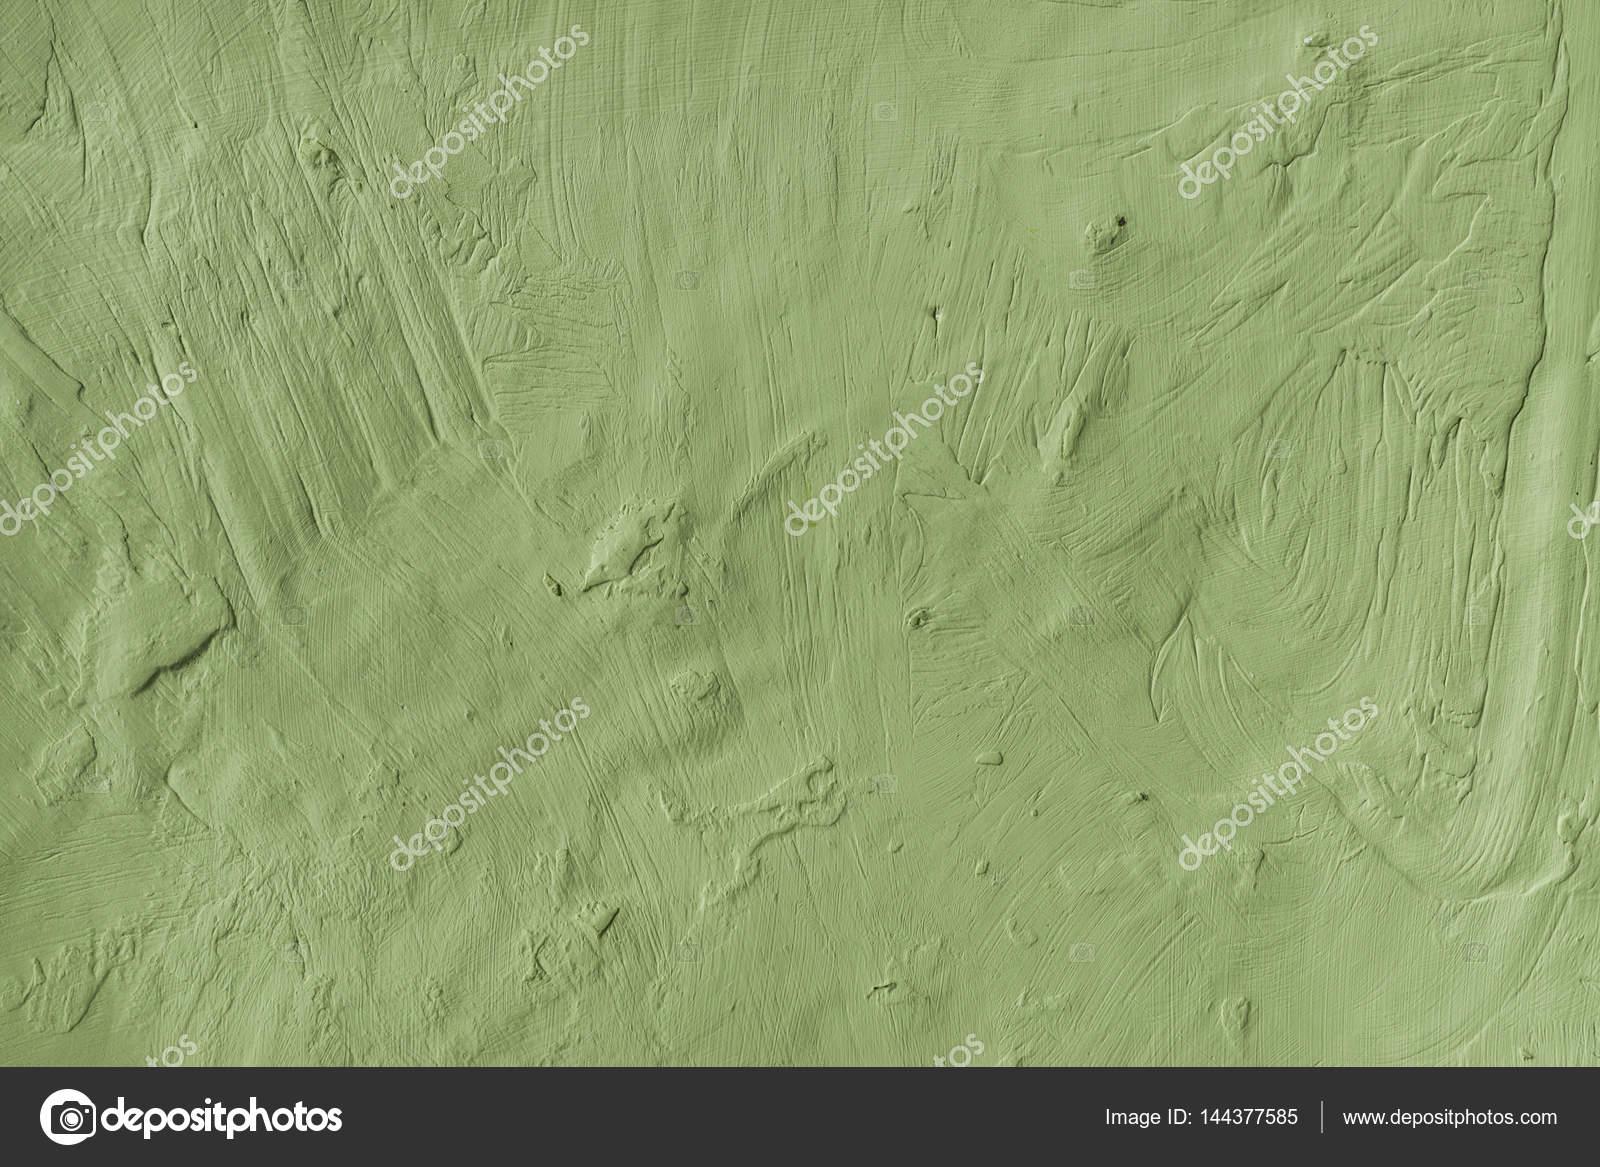 Resistido el fondo superficie rugosa pared enlucida de pintado verde ...